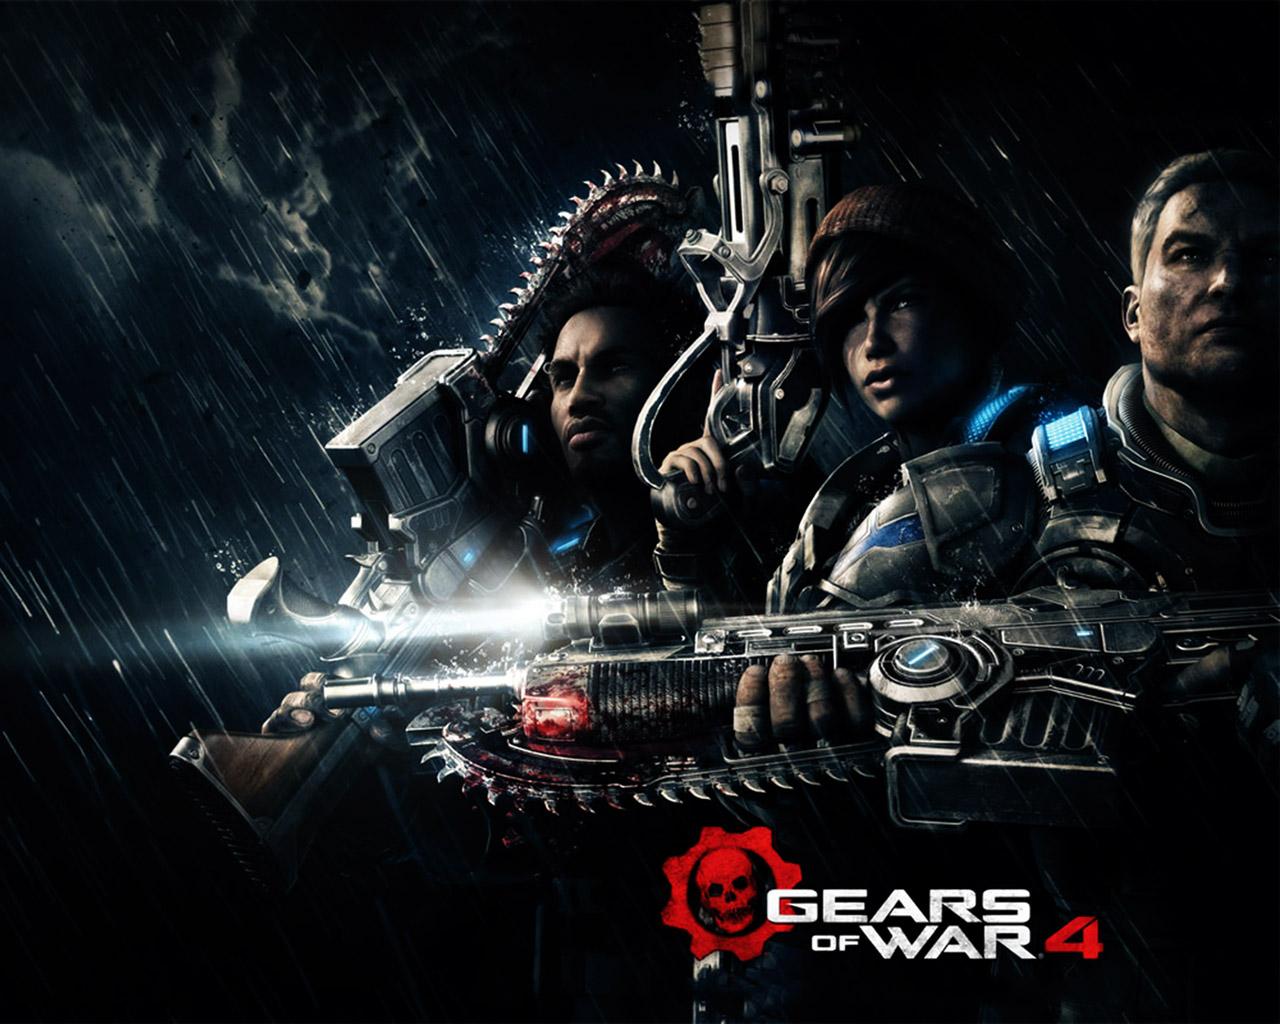 Gears of War 4 Wallpaper in 1280x1024